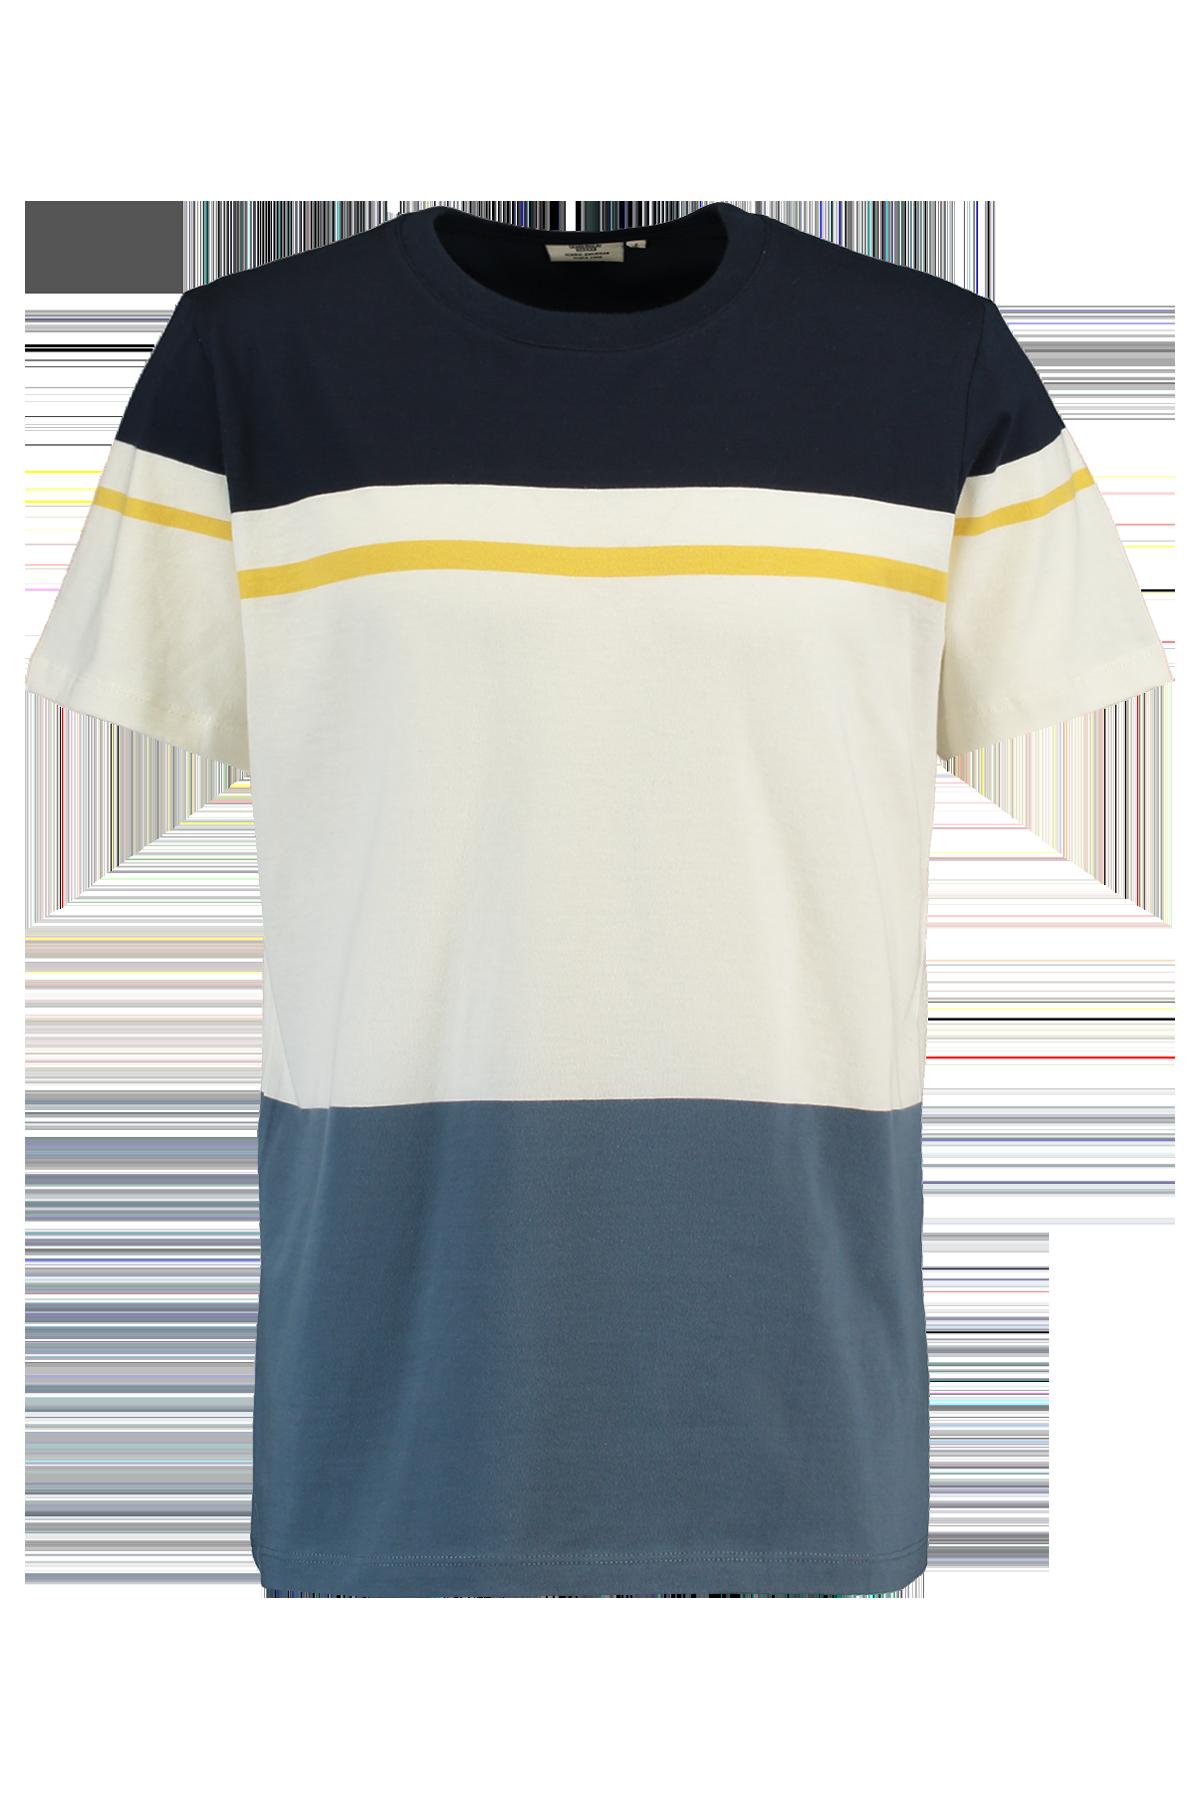 T-shirt Ebo block